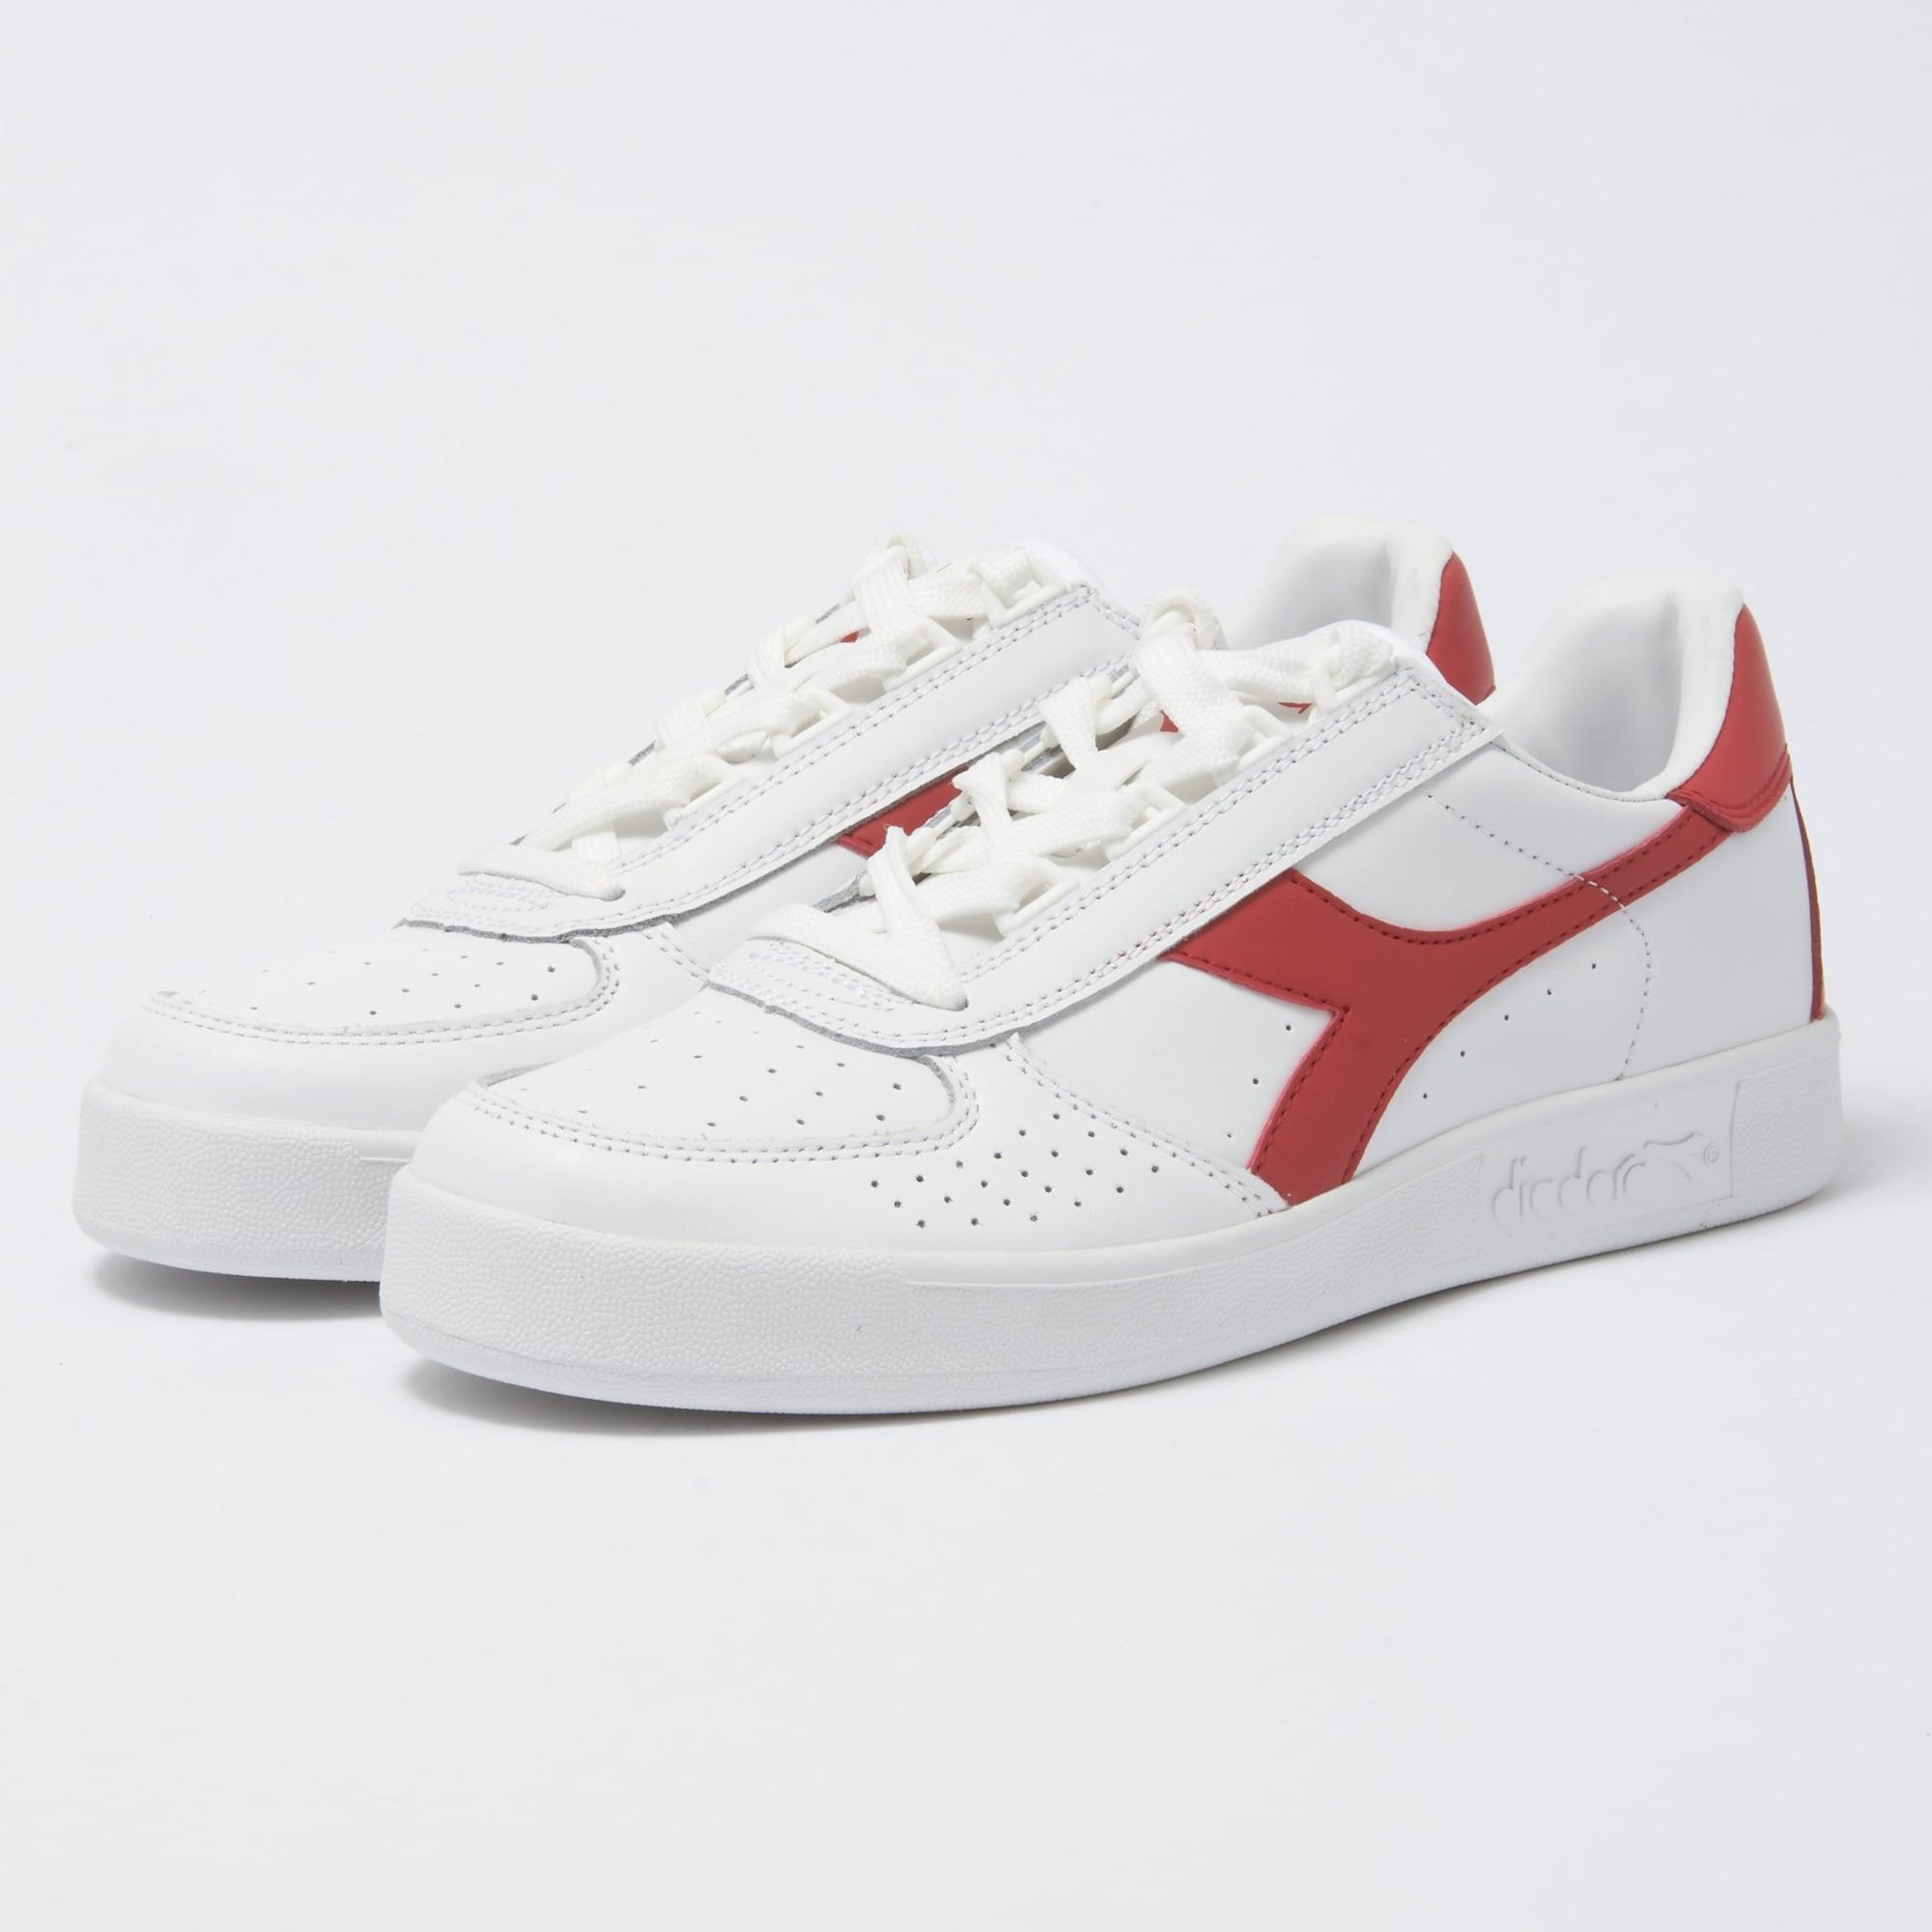 0c74e0d8 B.Elite - White & Ferrari Red